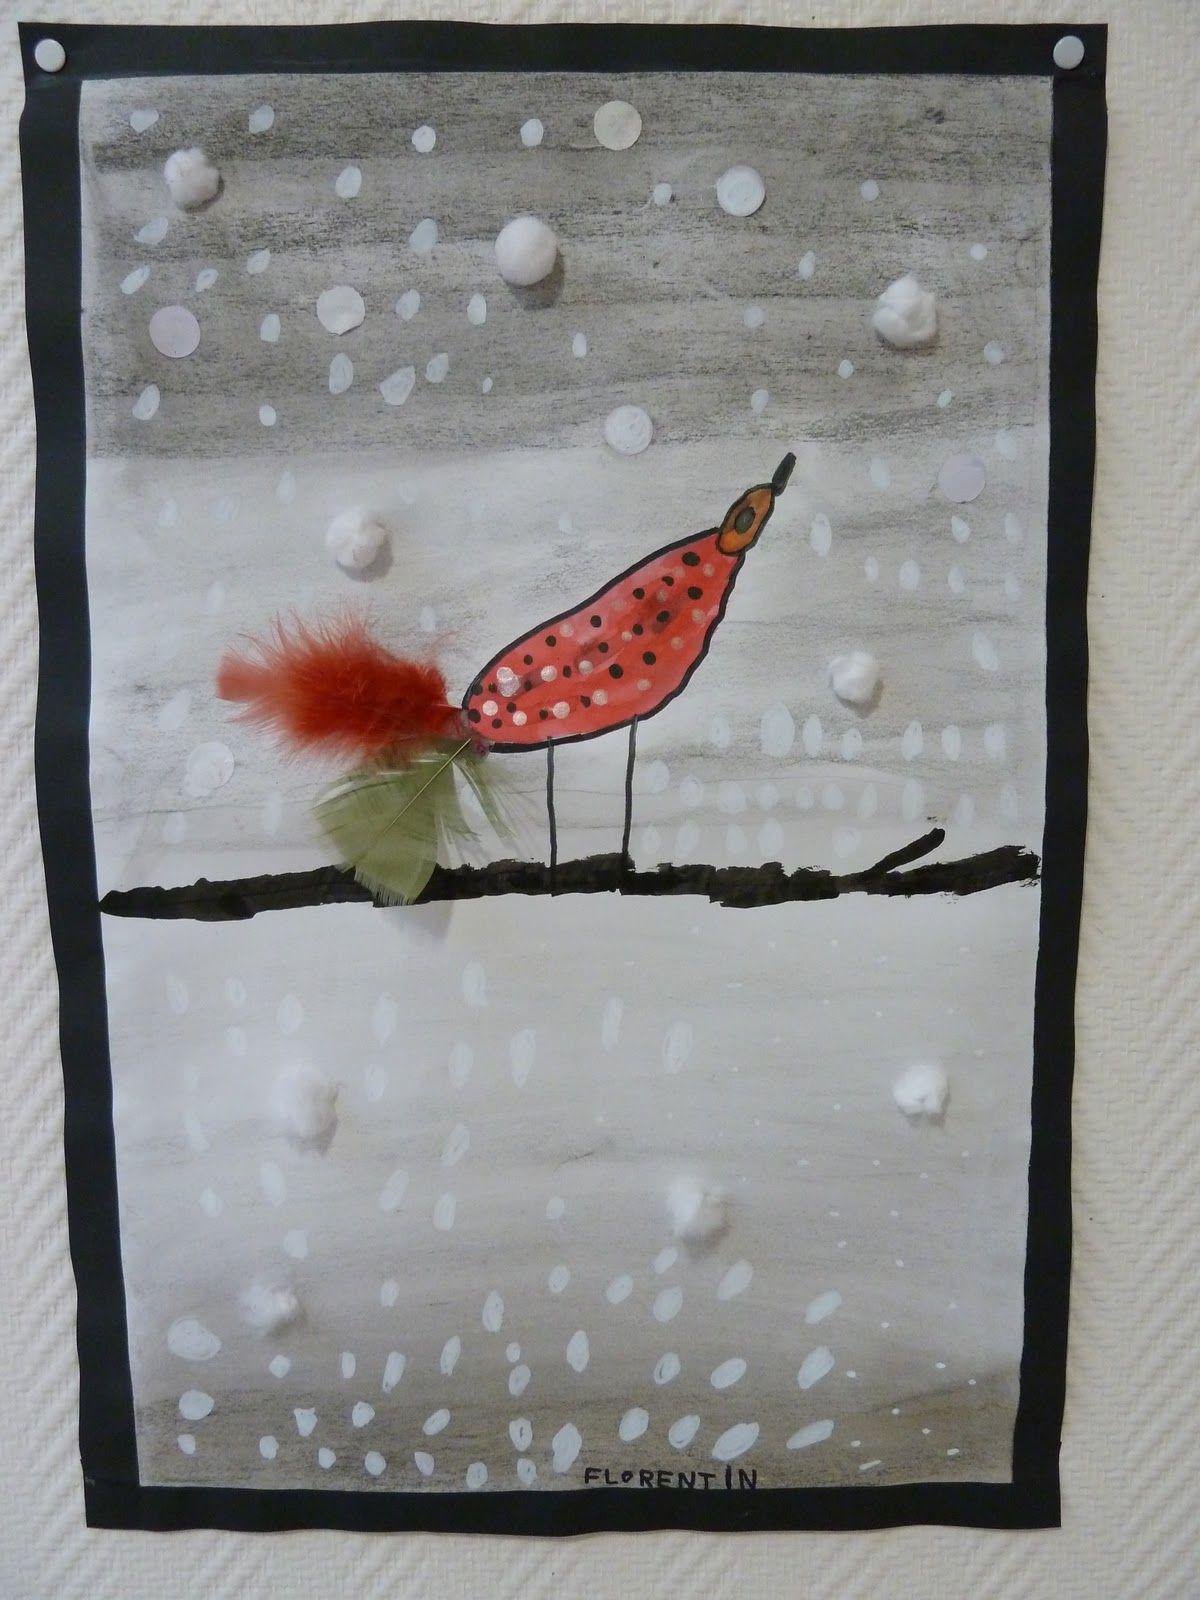 006 Jpg 1 200 1 600 Pixel Winterkunst Kunst Grundschule